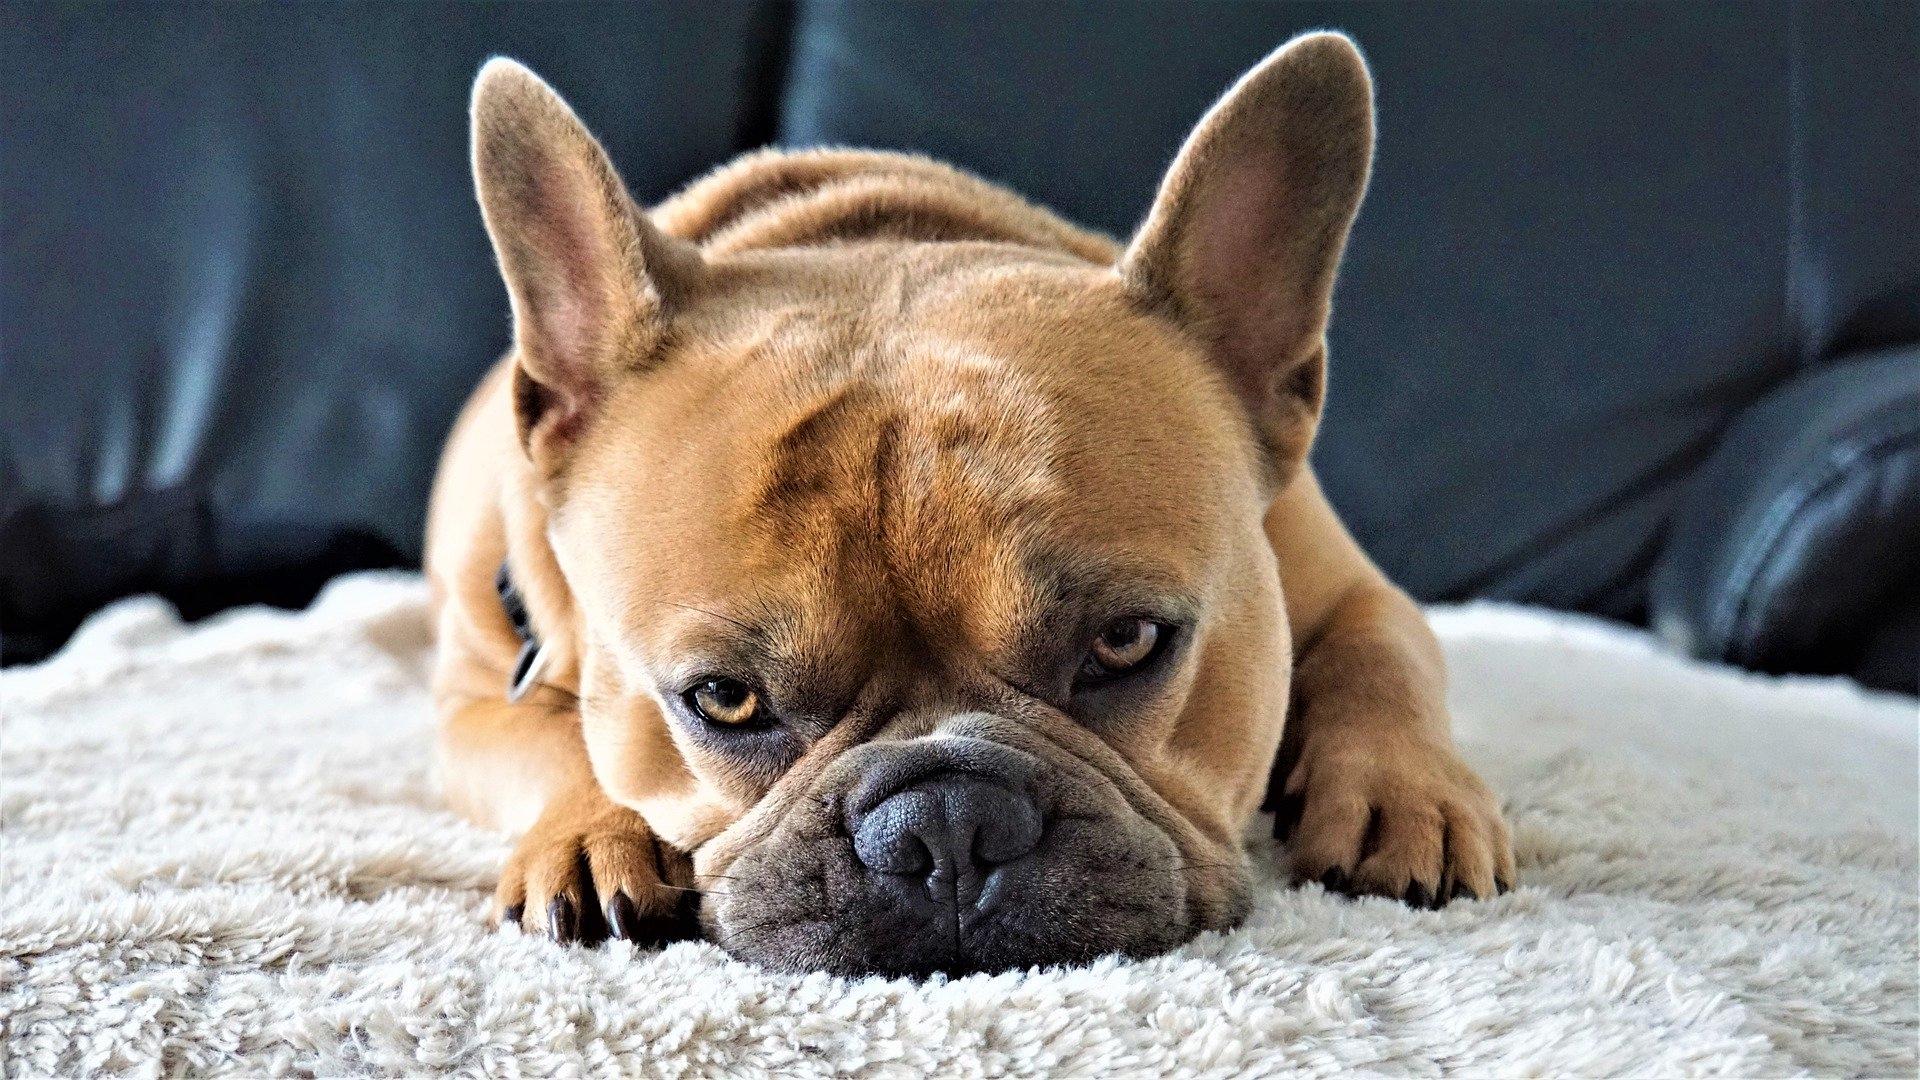 french-bulldog-4443329_1920_Mylene2401